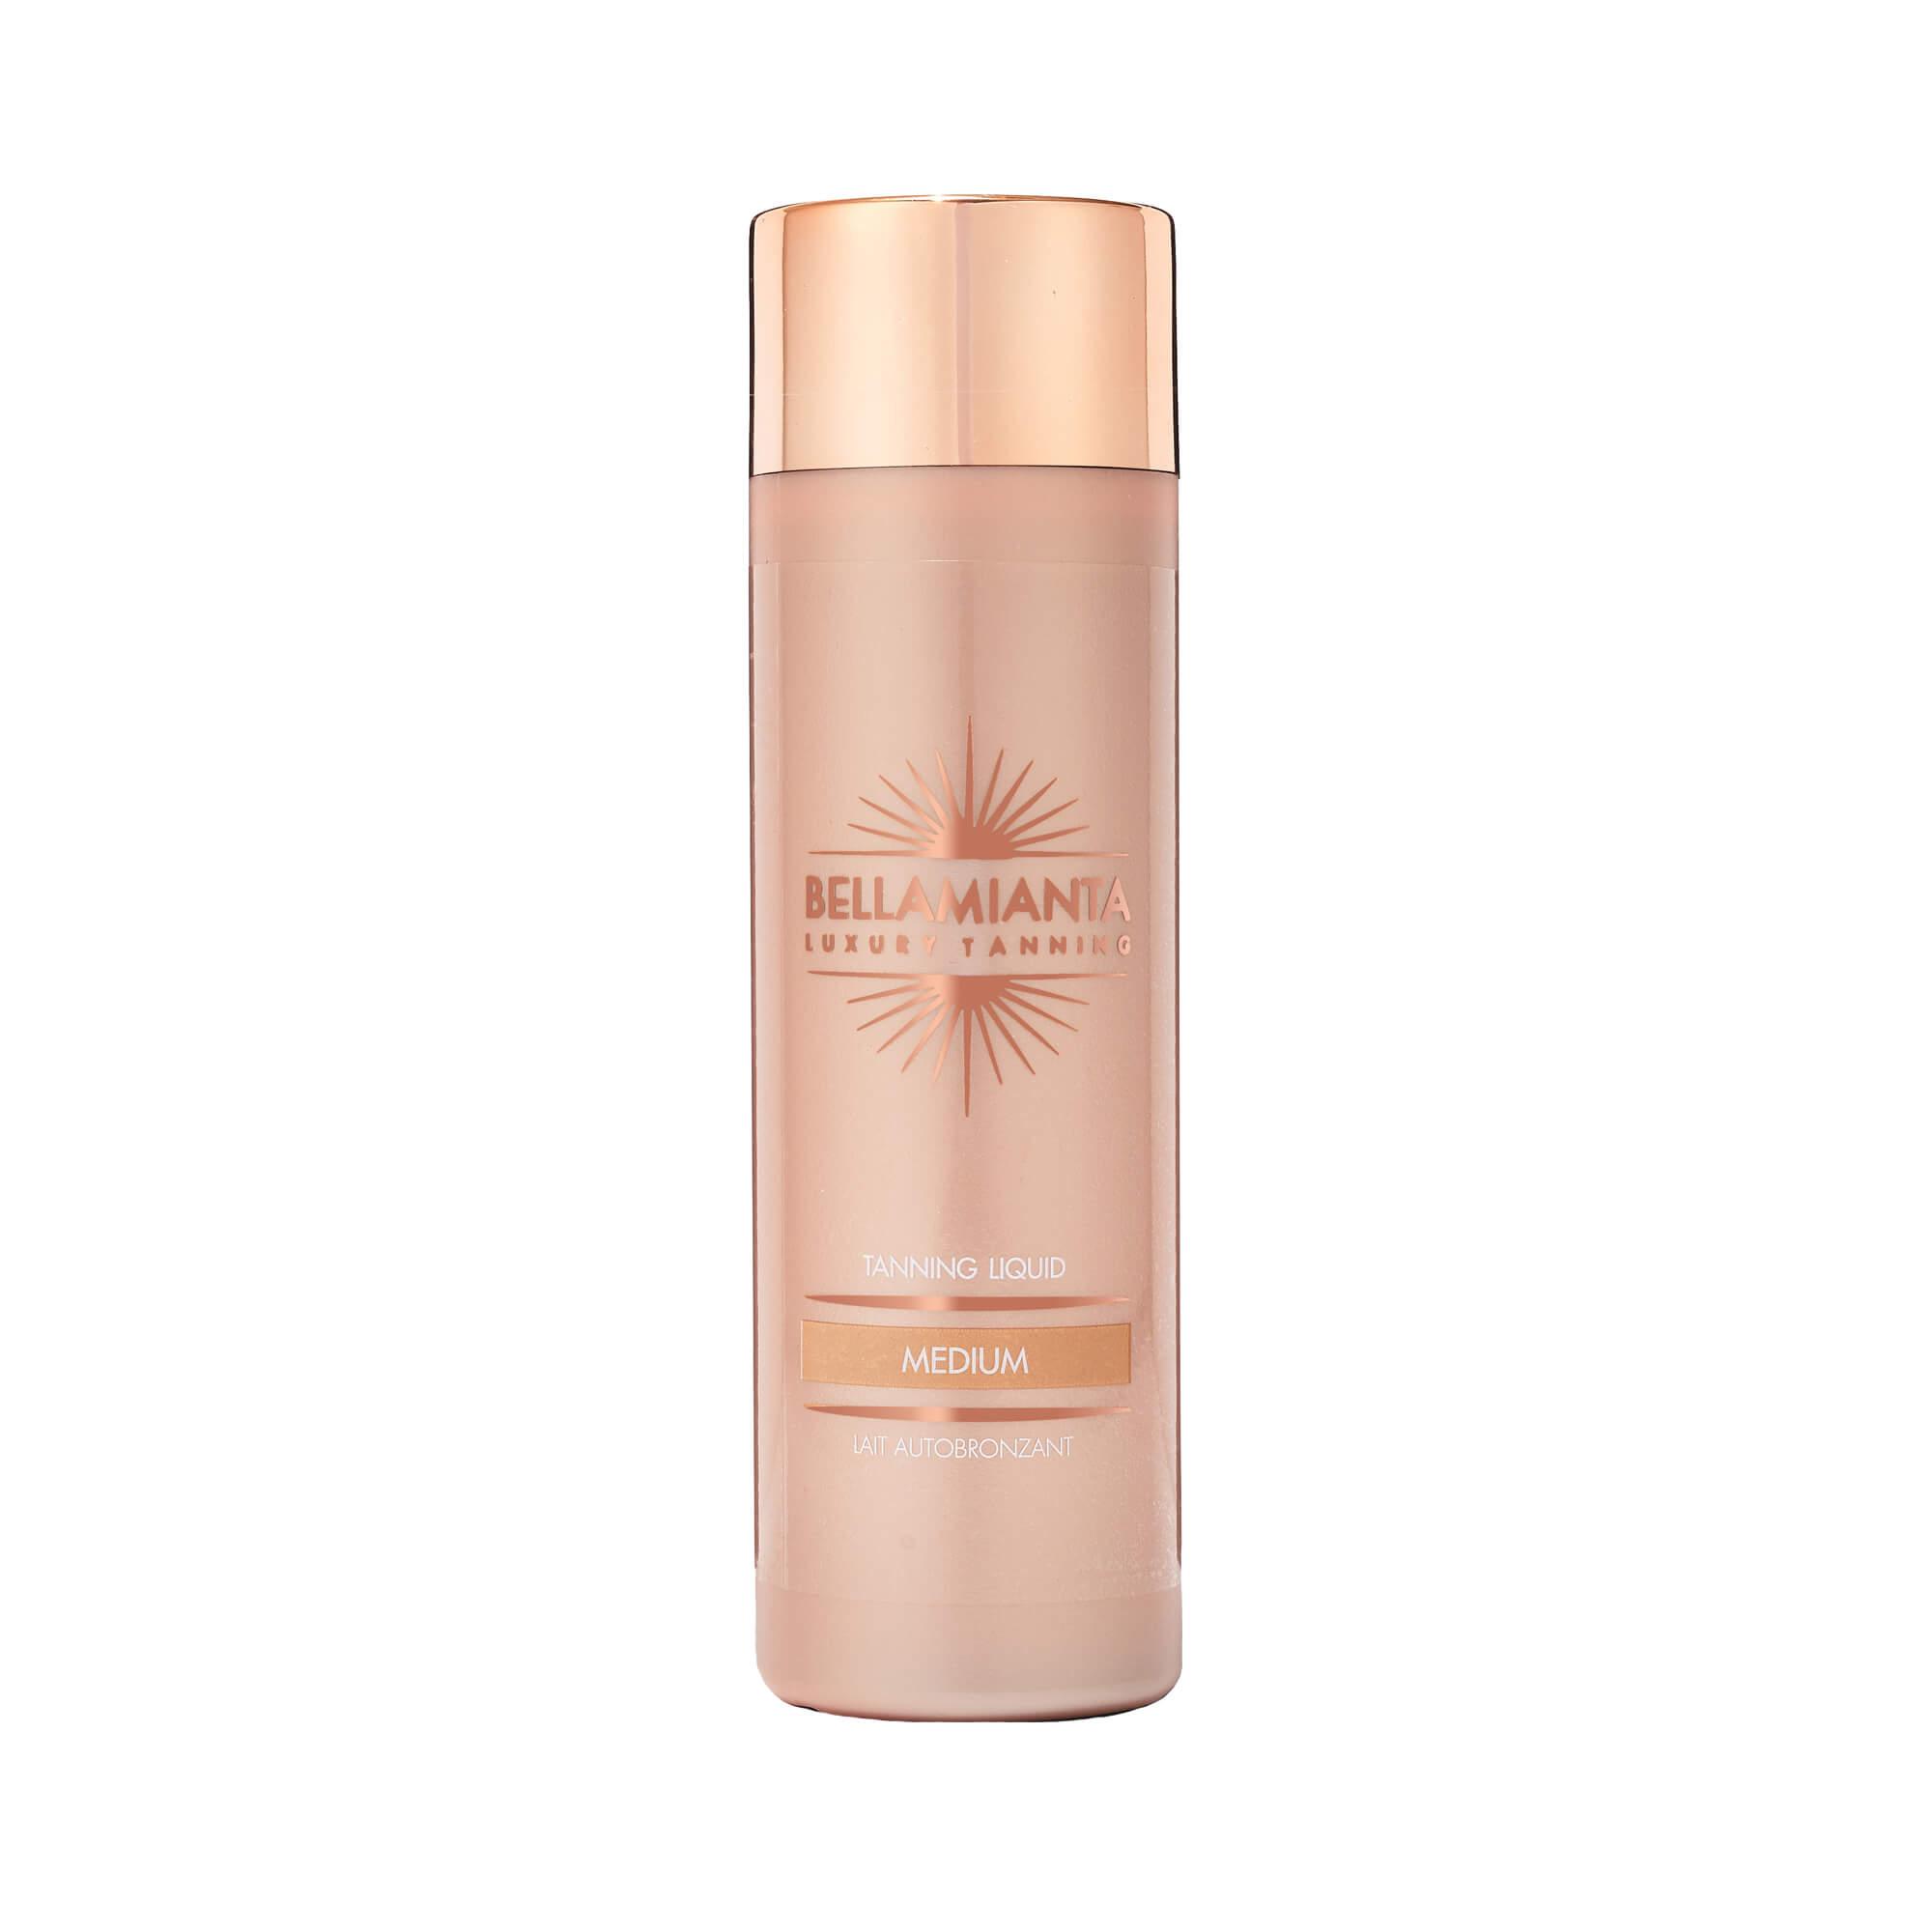 Bellamianta - Liquid Gold Medium Single Product